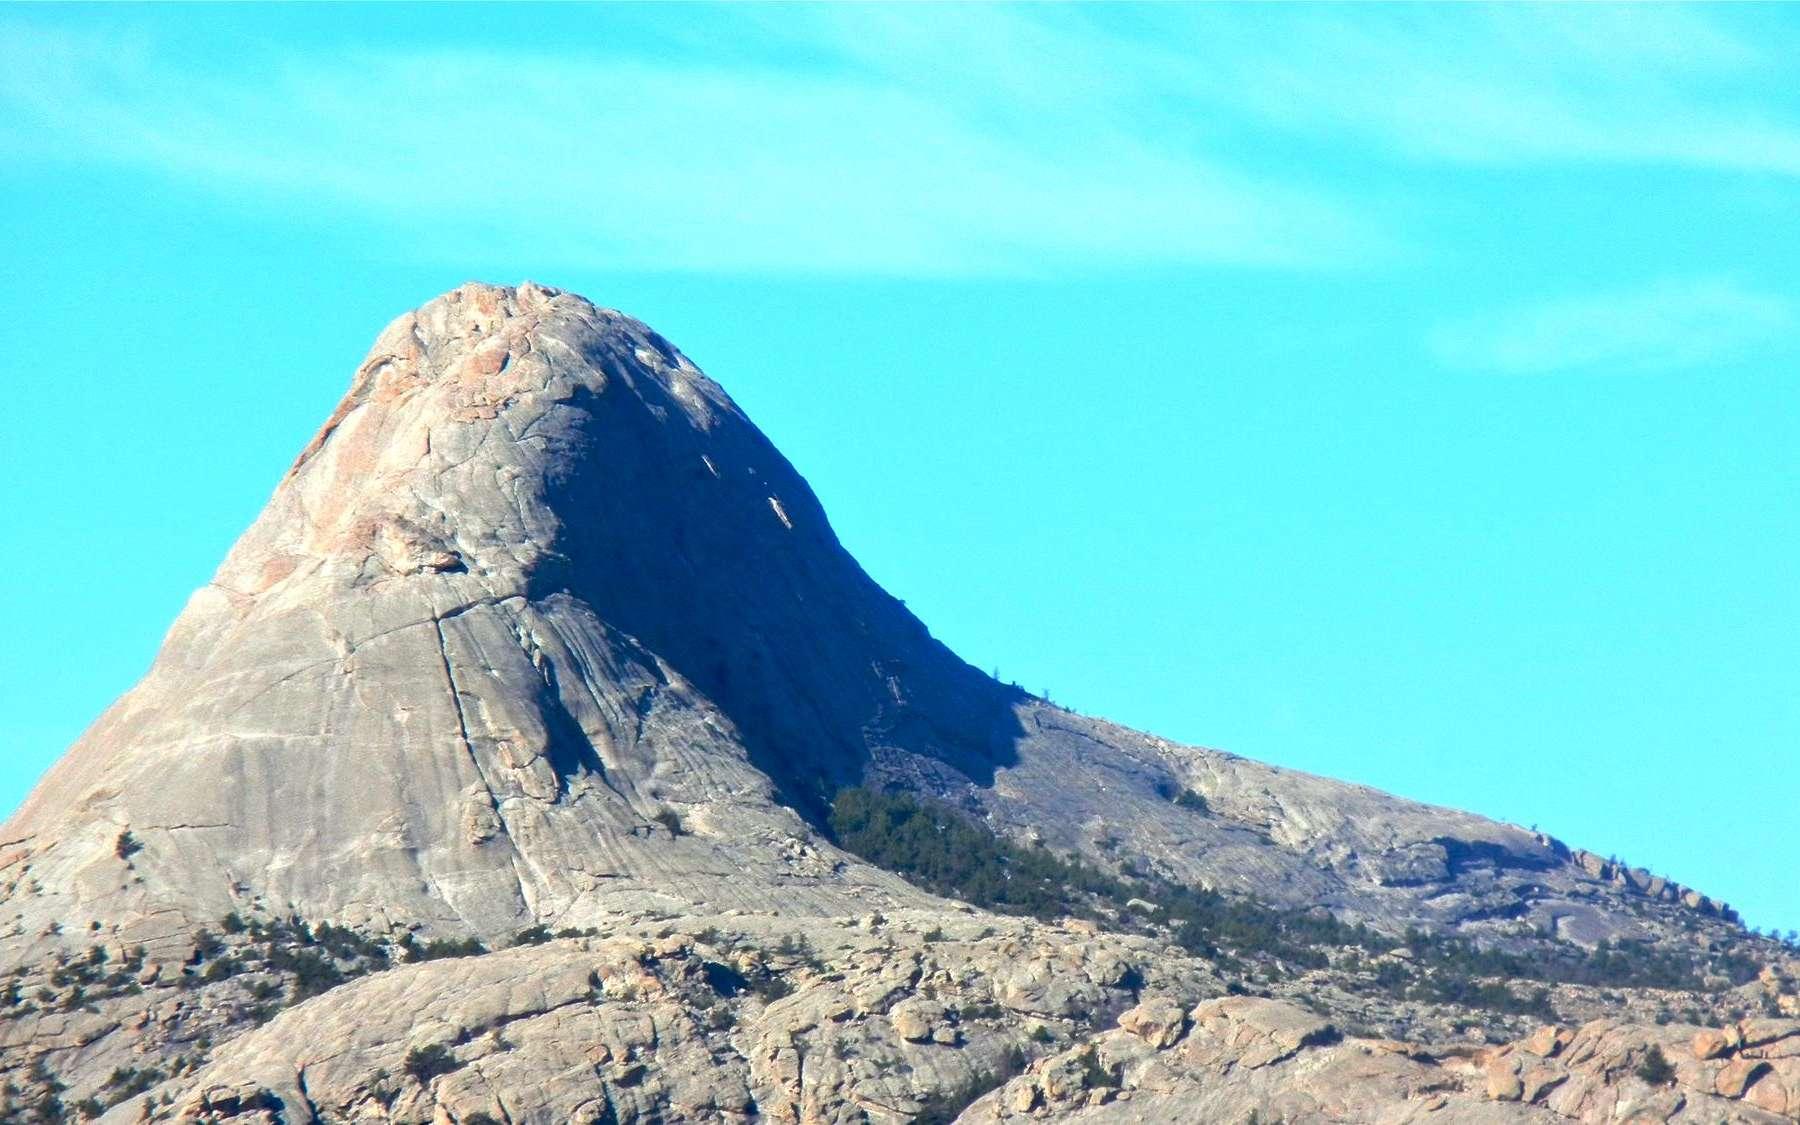 Les supervolcans sont-ils une nouvelle source de lithium ? Ici, le dôme Lankin, au Wyoming (à l'ouest des États-Unis). Ce massif de granite a cristallisé il y a environ 2,62 milliards d'années et fait partie d'un « batholite ». Bien que l'hypothèse soit controversée, les batholites pourraient être des restes de chambres magmatiques de supervolcans. © Andrew Carson